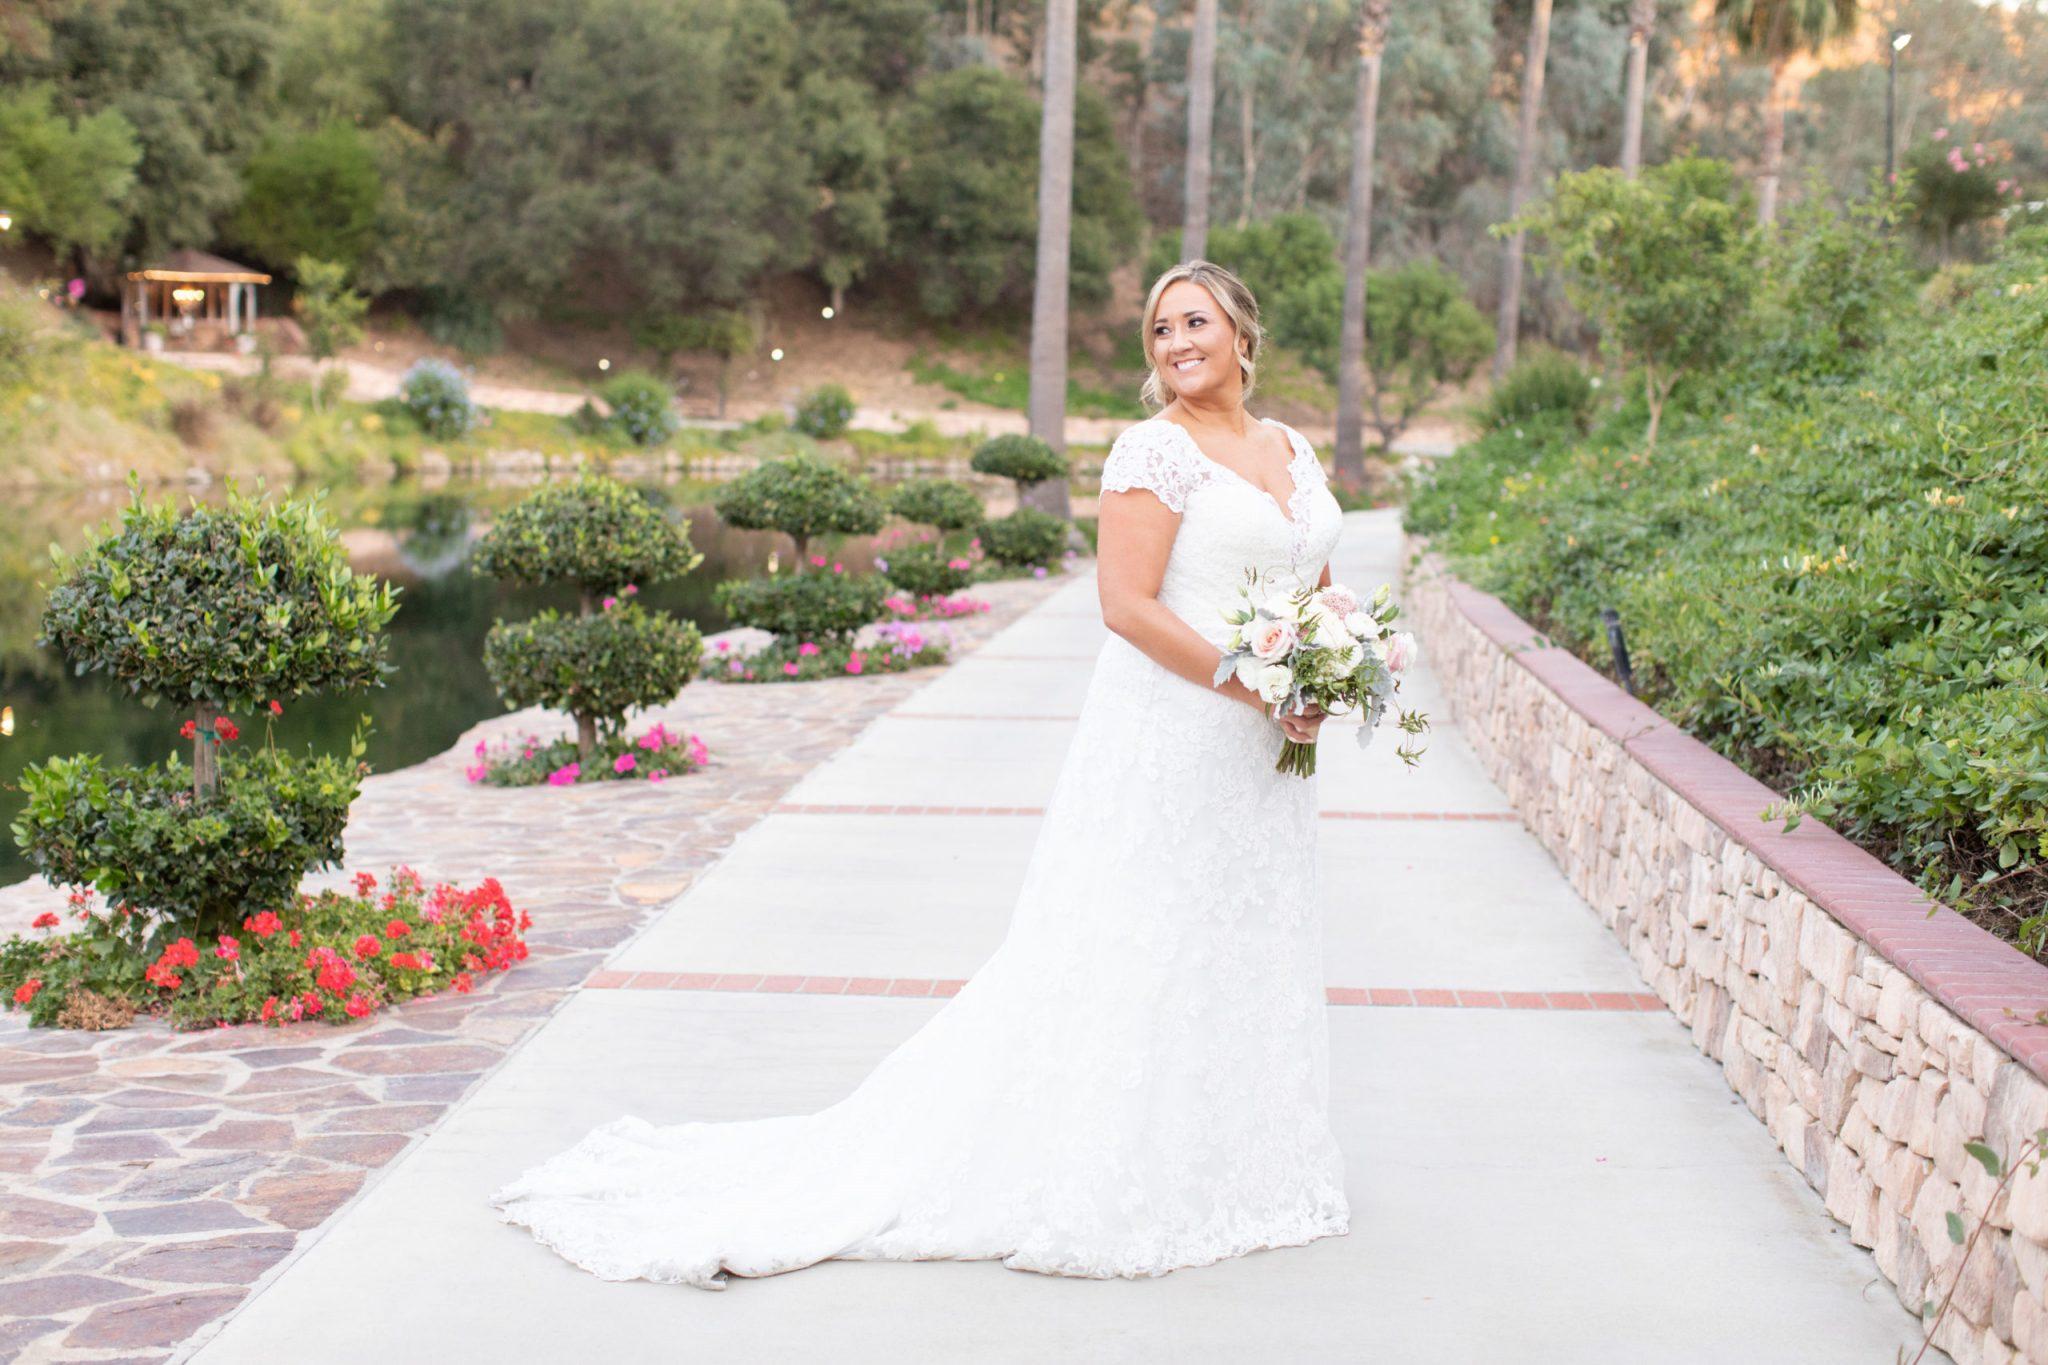 Matt Chrissy Wedding 4147 scaled